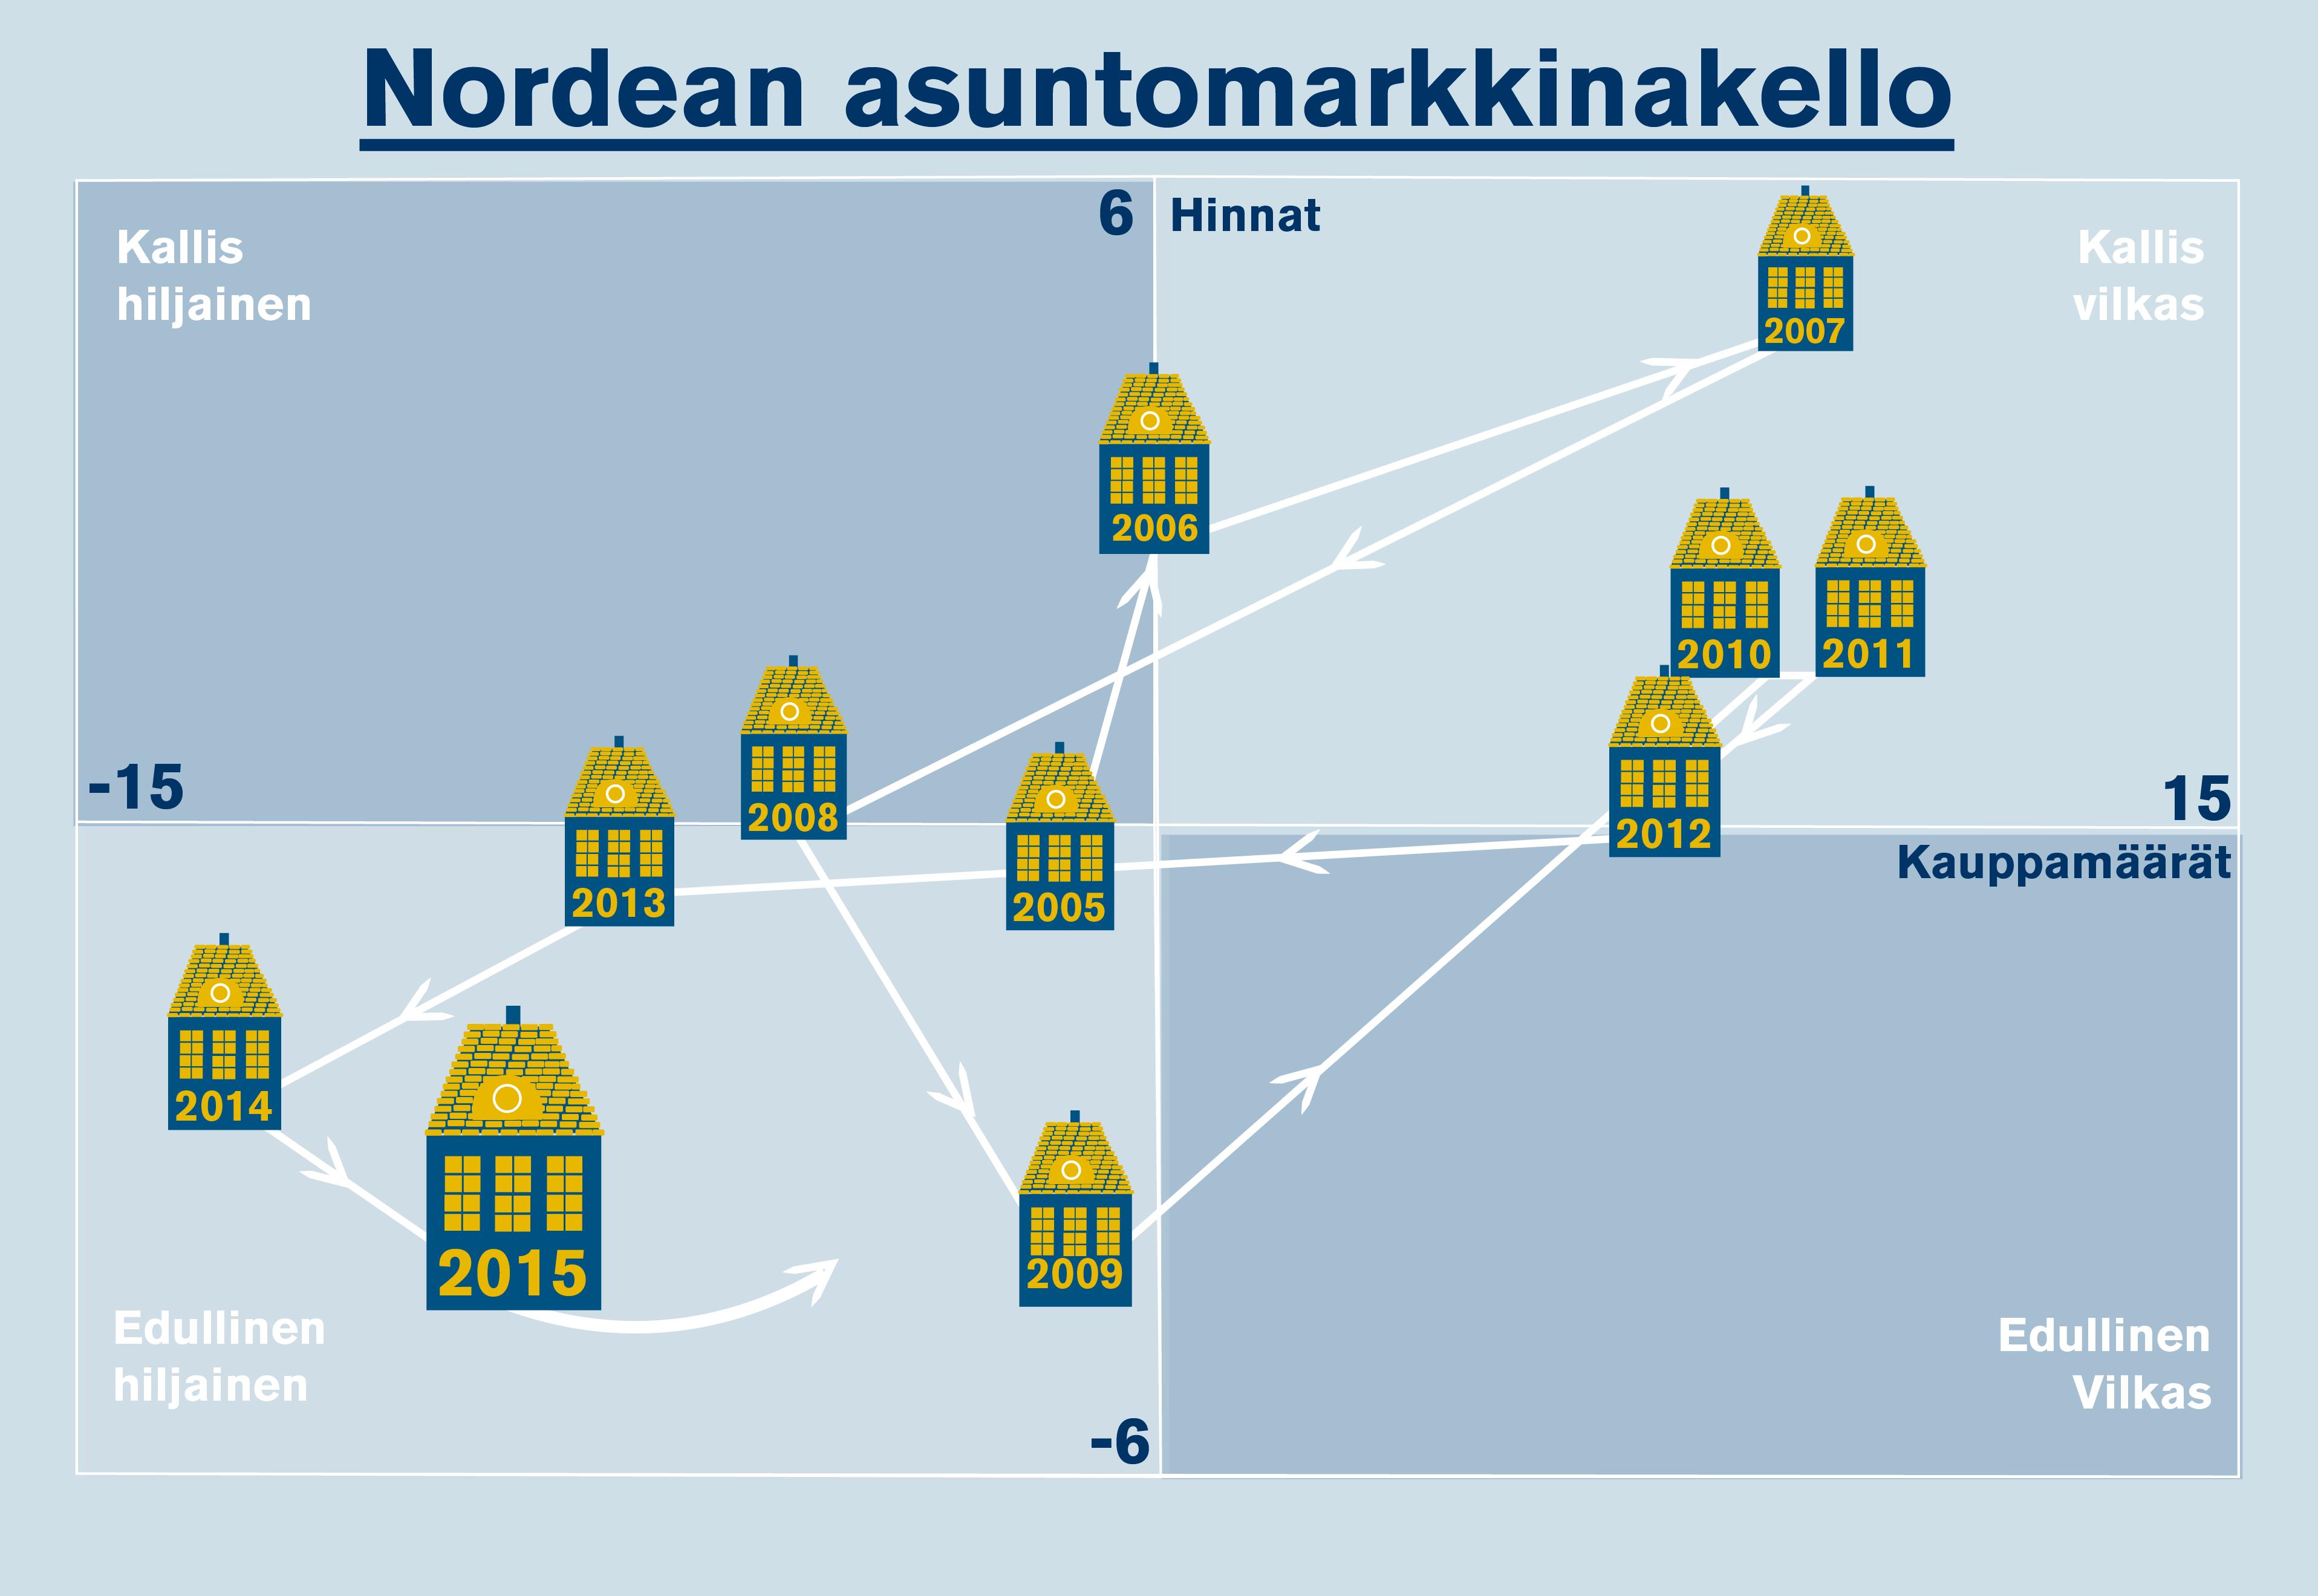 Nordean asuntomarkkinakello